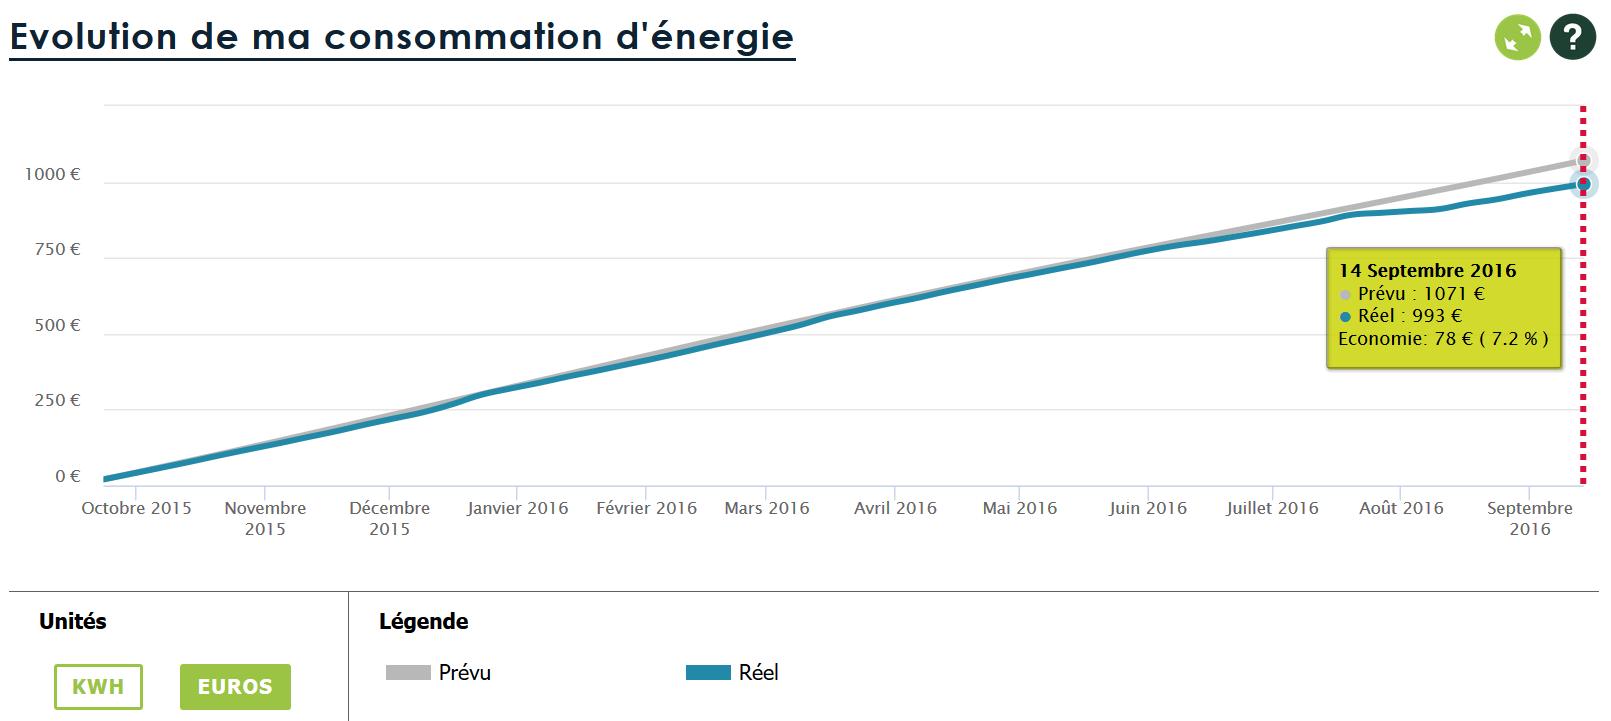 Courbe évolution de ma consommation d'électricité sur un an en euros